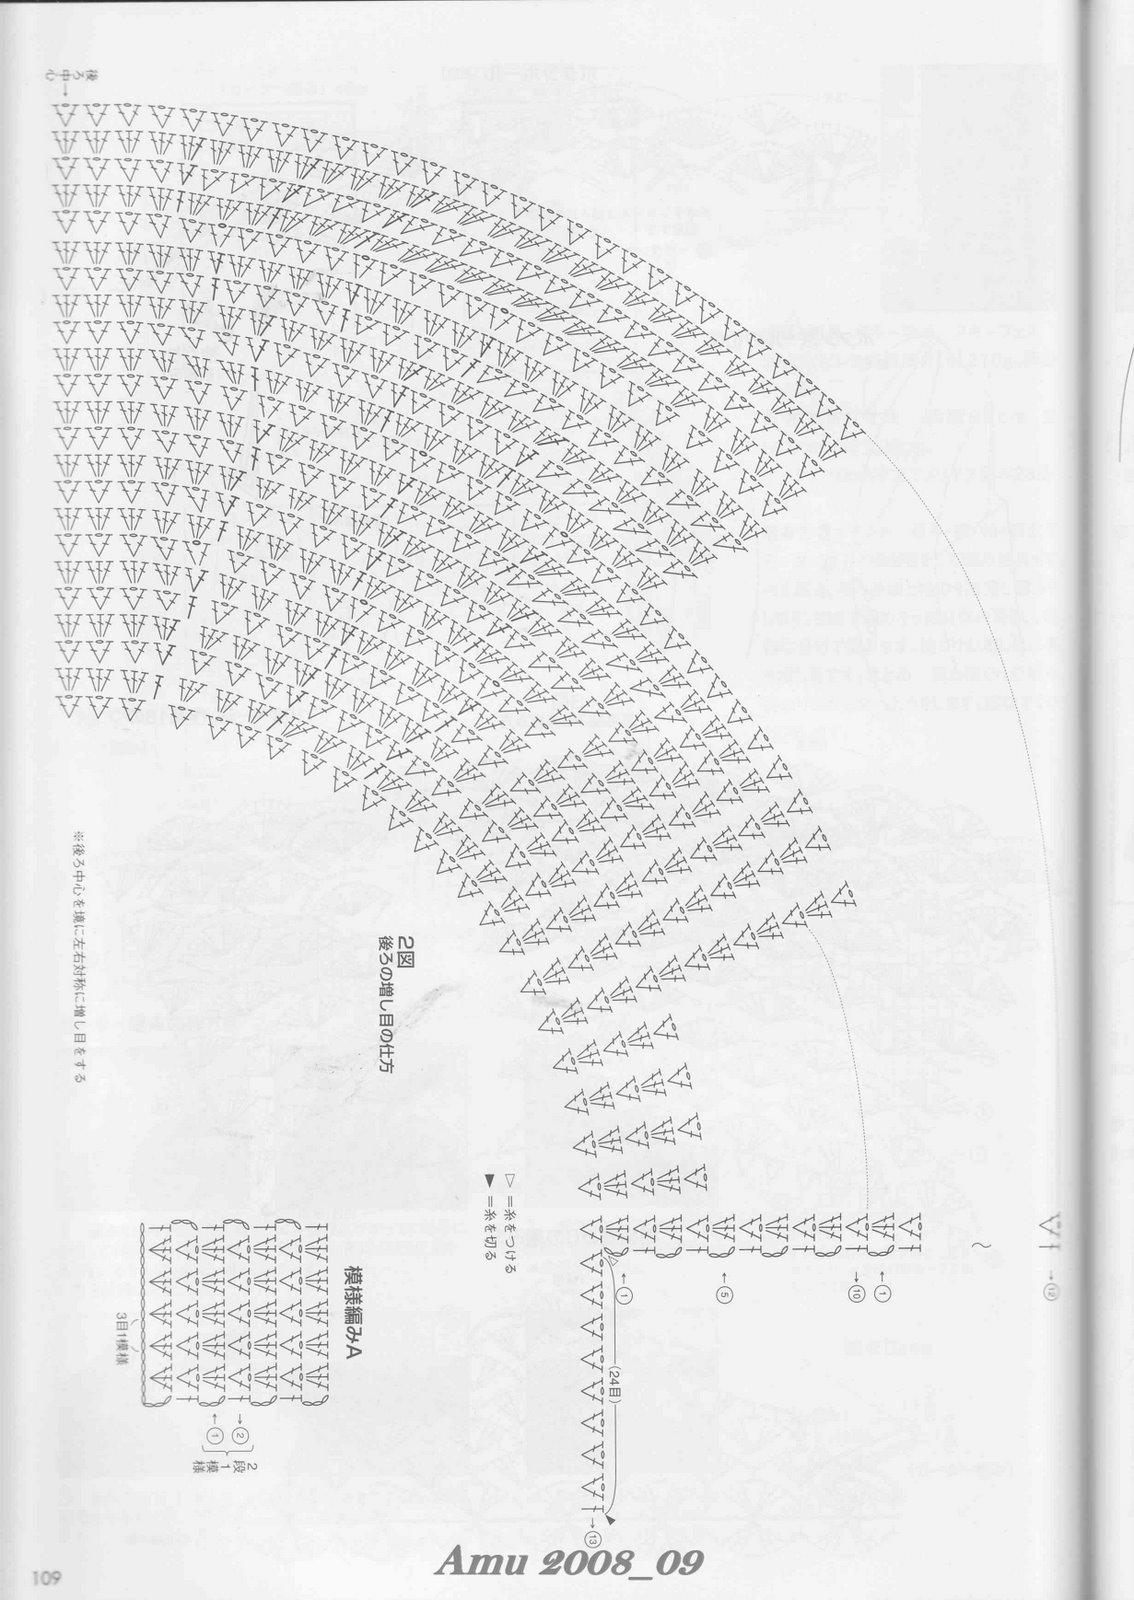 1124_Amu 2008_09_Page_021 (3)